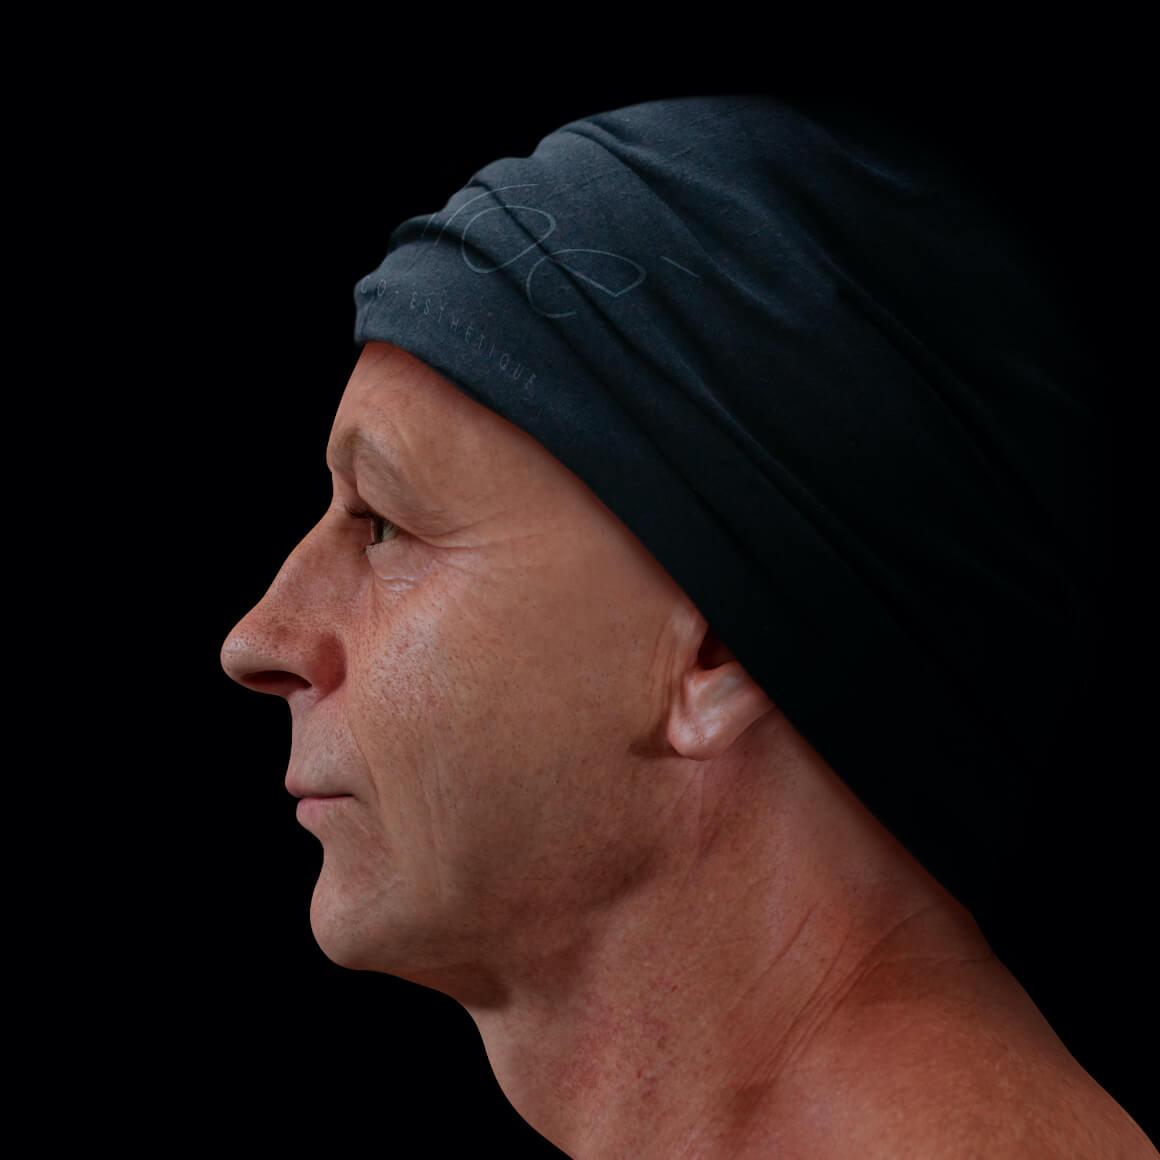 Patient à la Clinique Chloé positionné de côté ayant une peau du visage montrant des pores dilatés